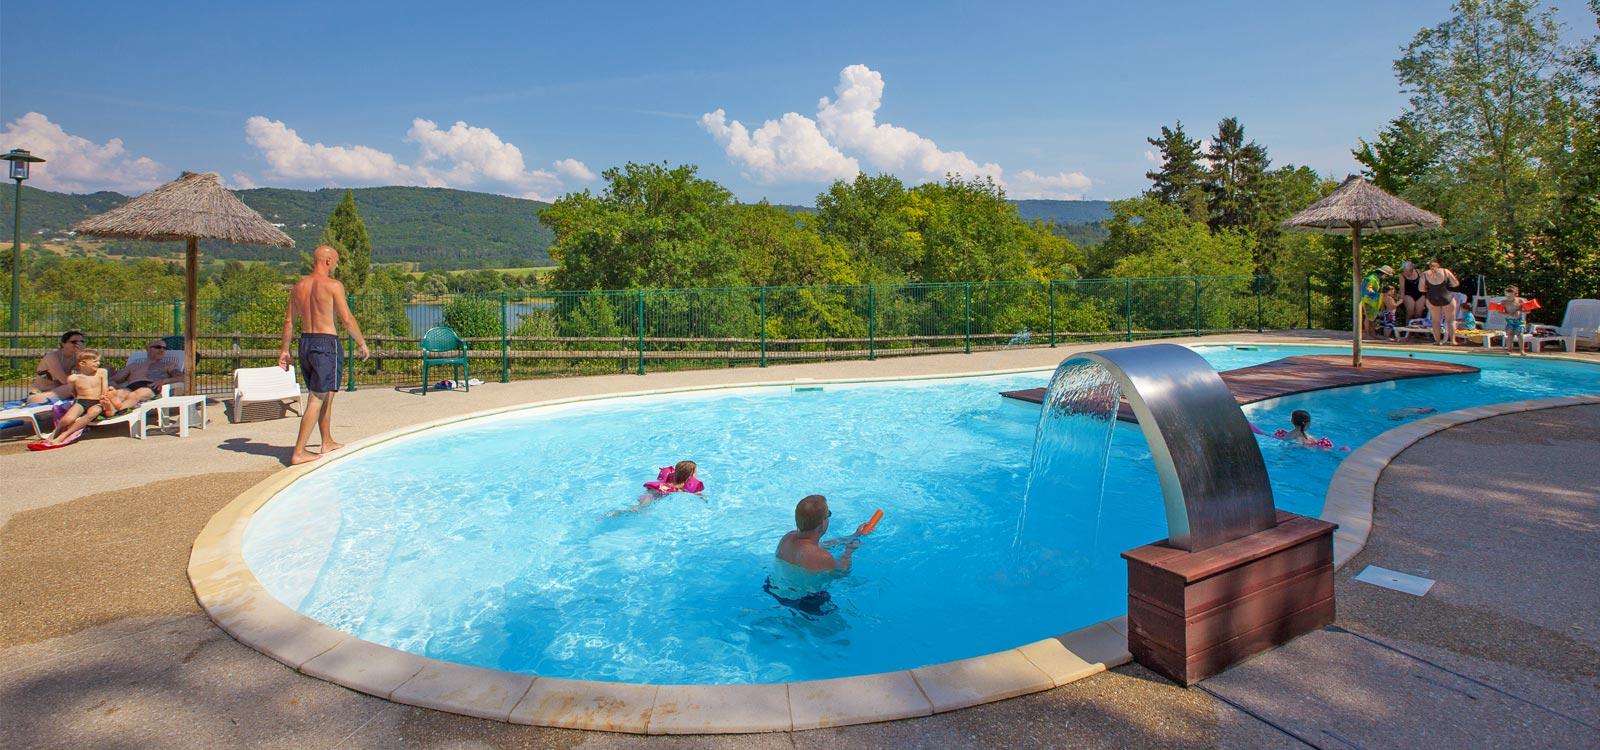 Camping dans l ain avec piscine camping c t d 39 un lac for Camping isere avec piscine